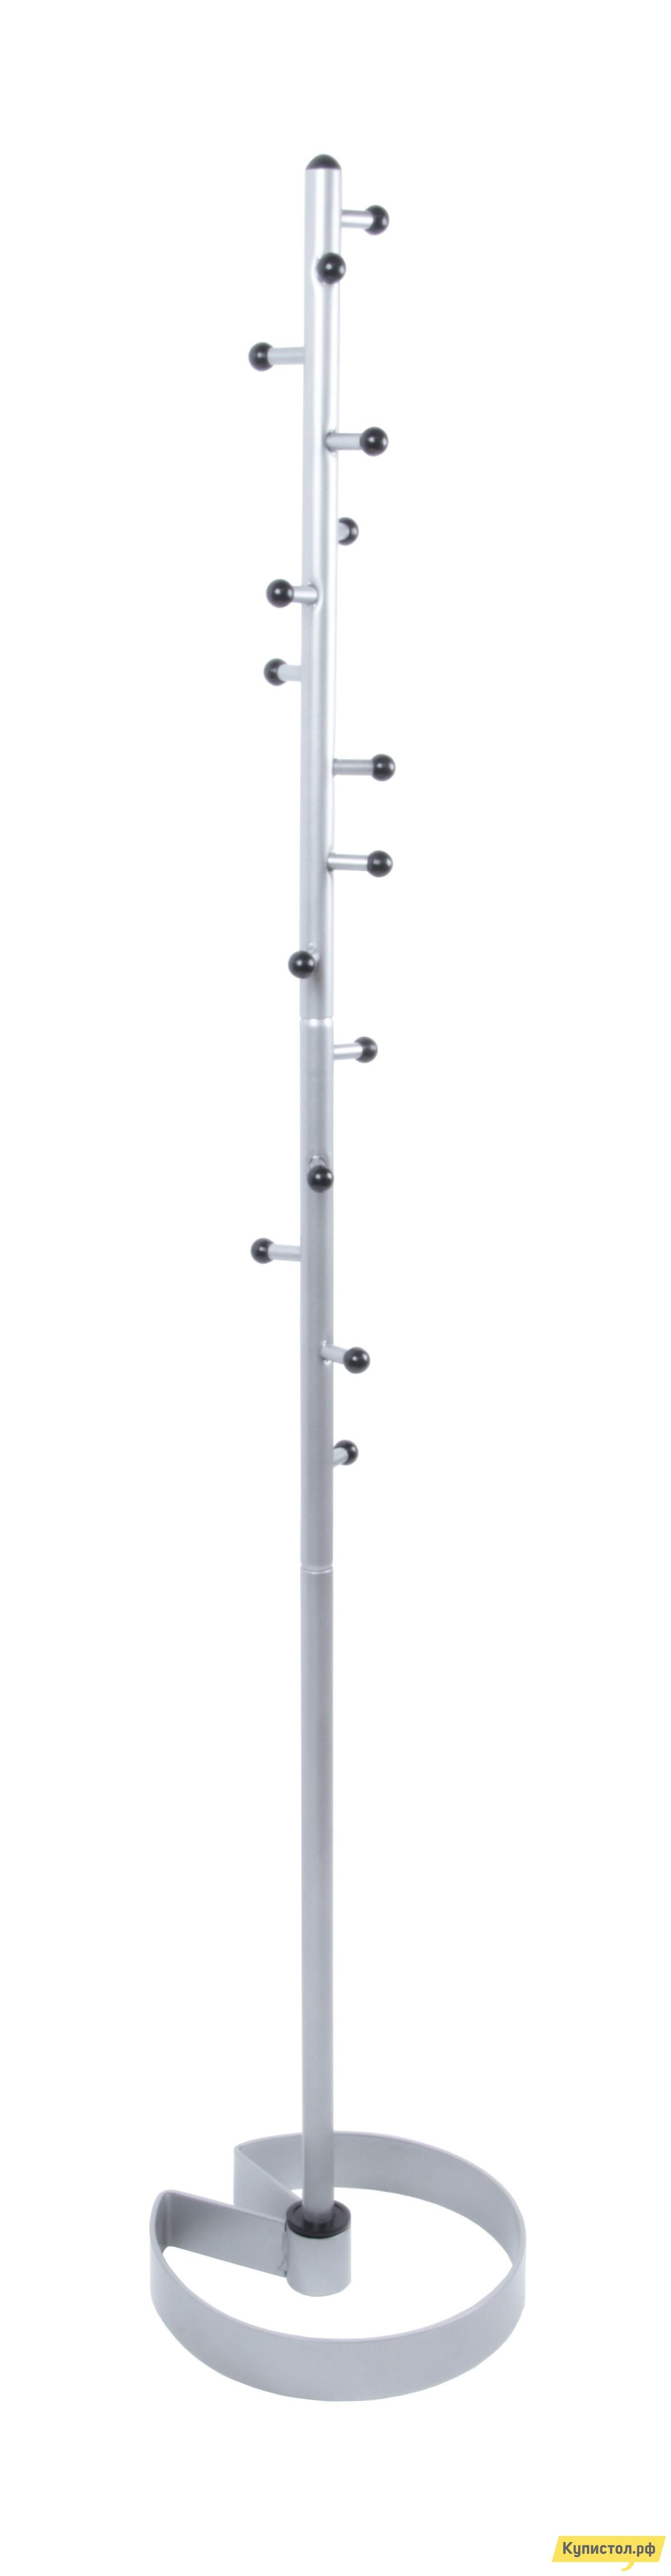 Напольная вешалка Мебелик Пико 15 Металлик